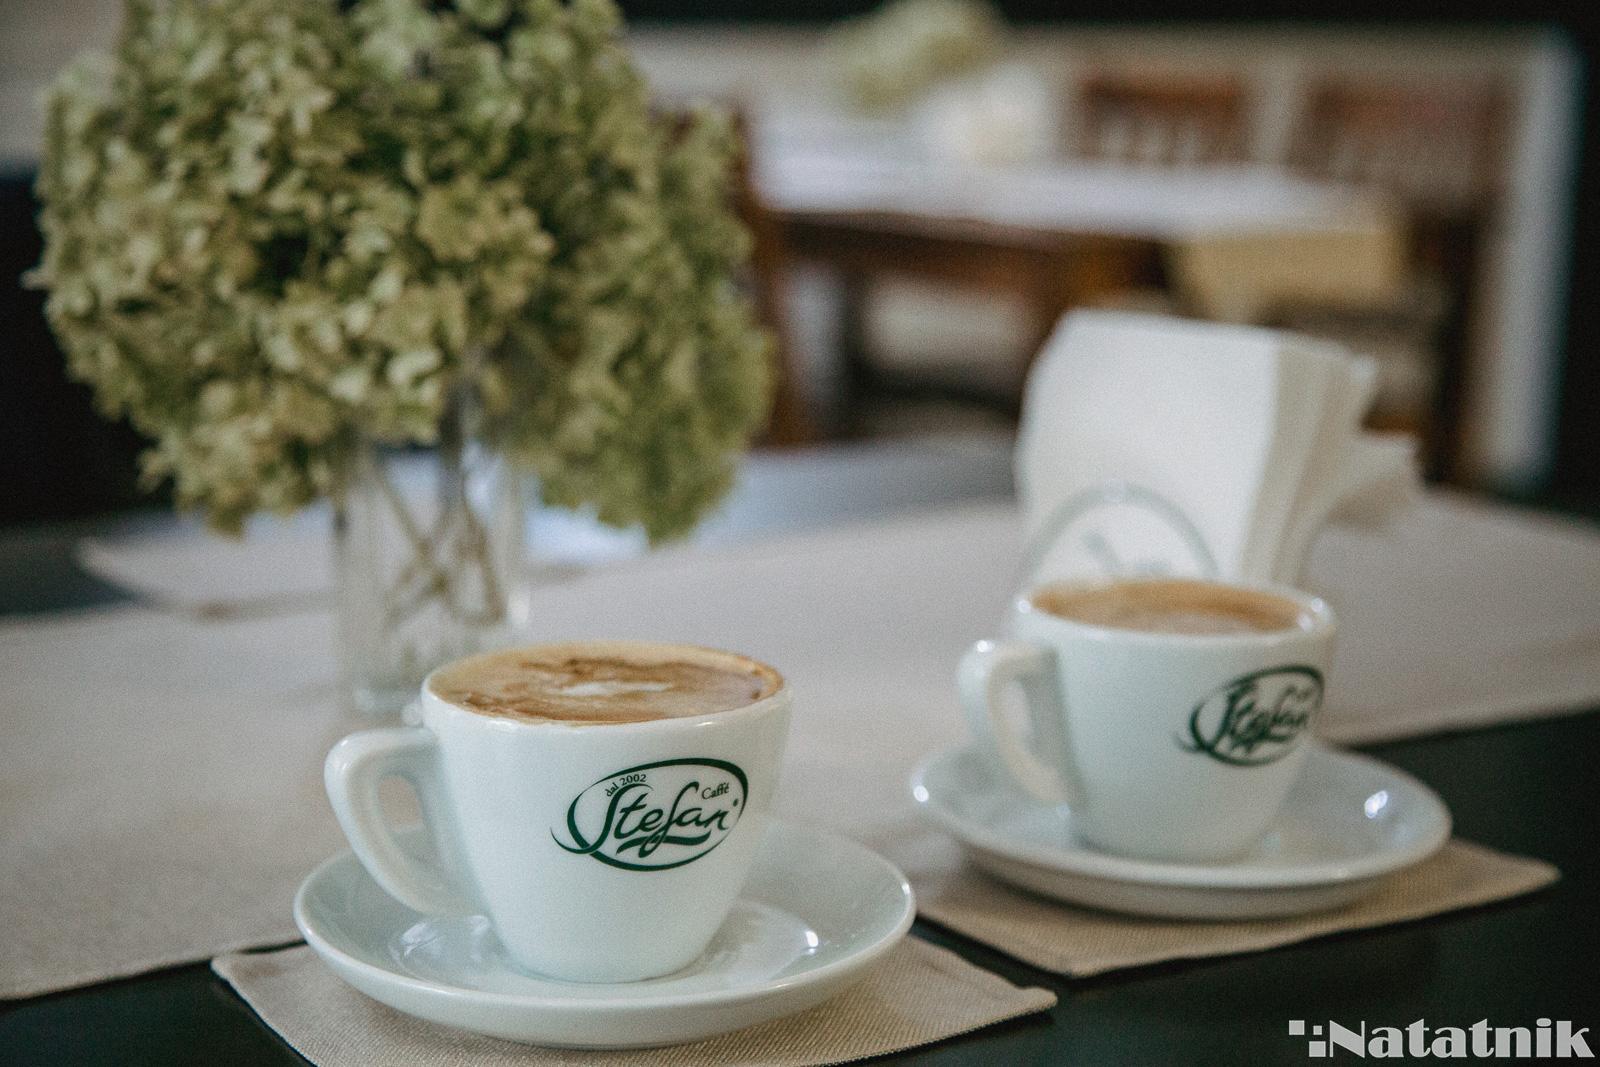 кофе, амеркиано, капучино, Шоколад